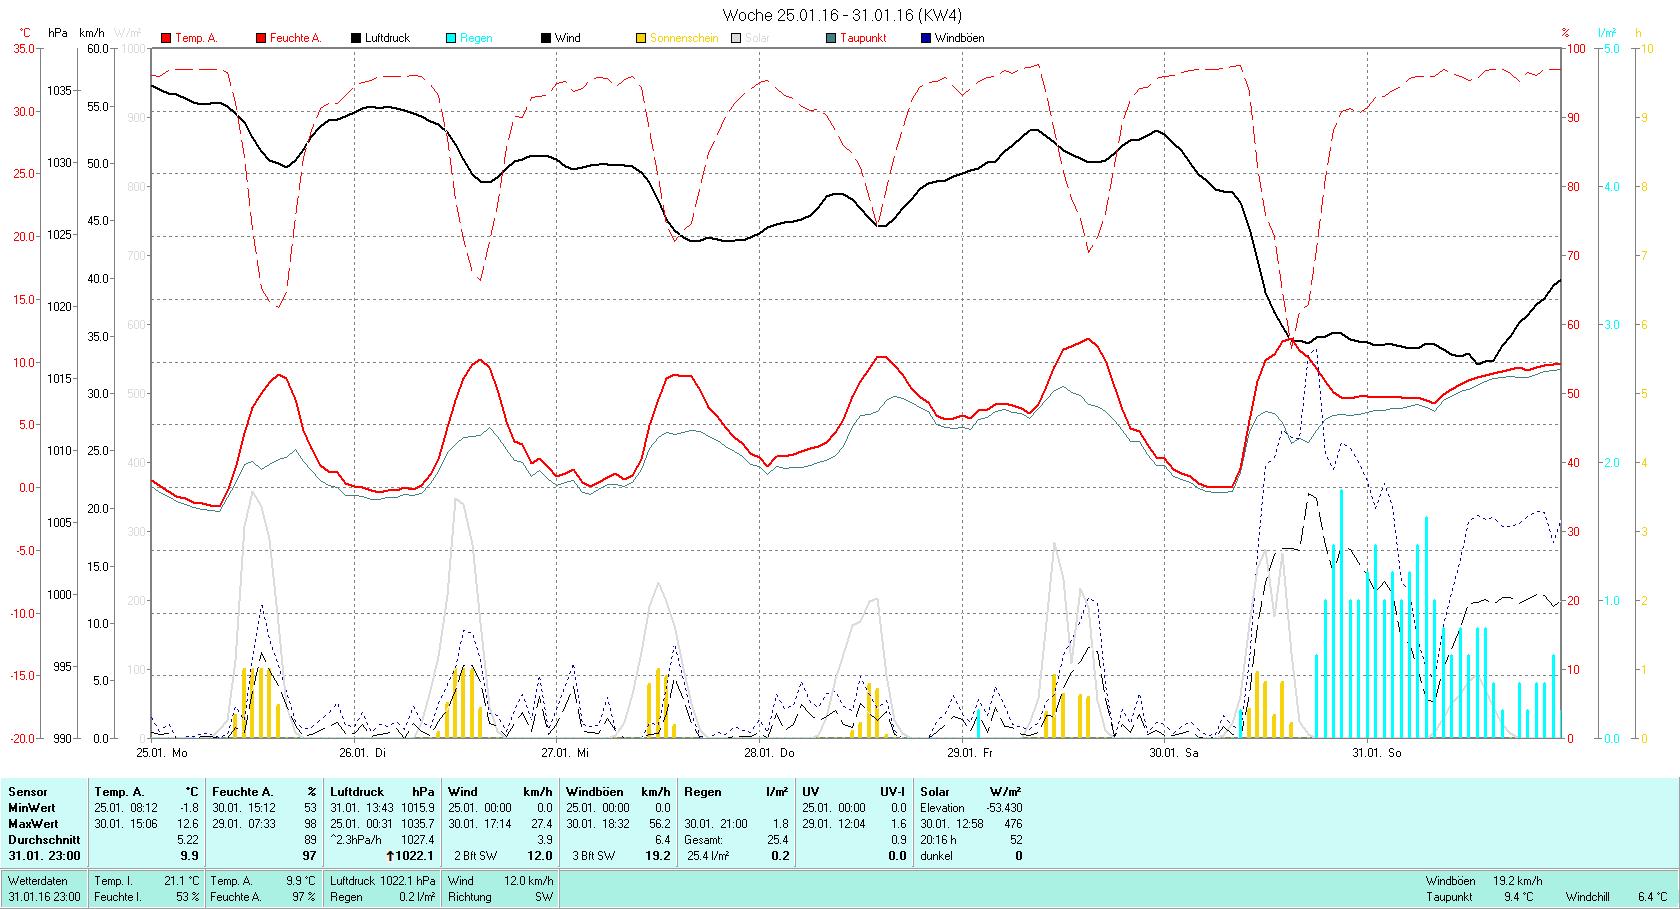 KW 4 Tmin -1.8°C, Tmax 12.6°C, Sonne 20:16h, Niederschlag 25.4mm/2